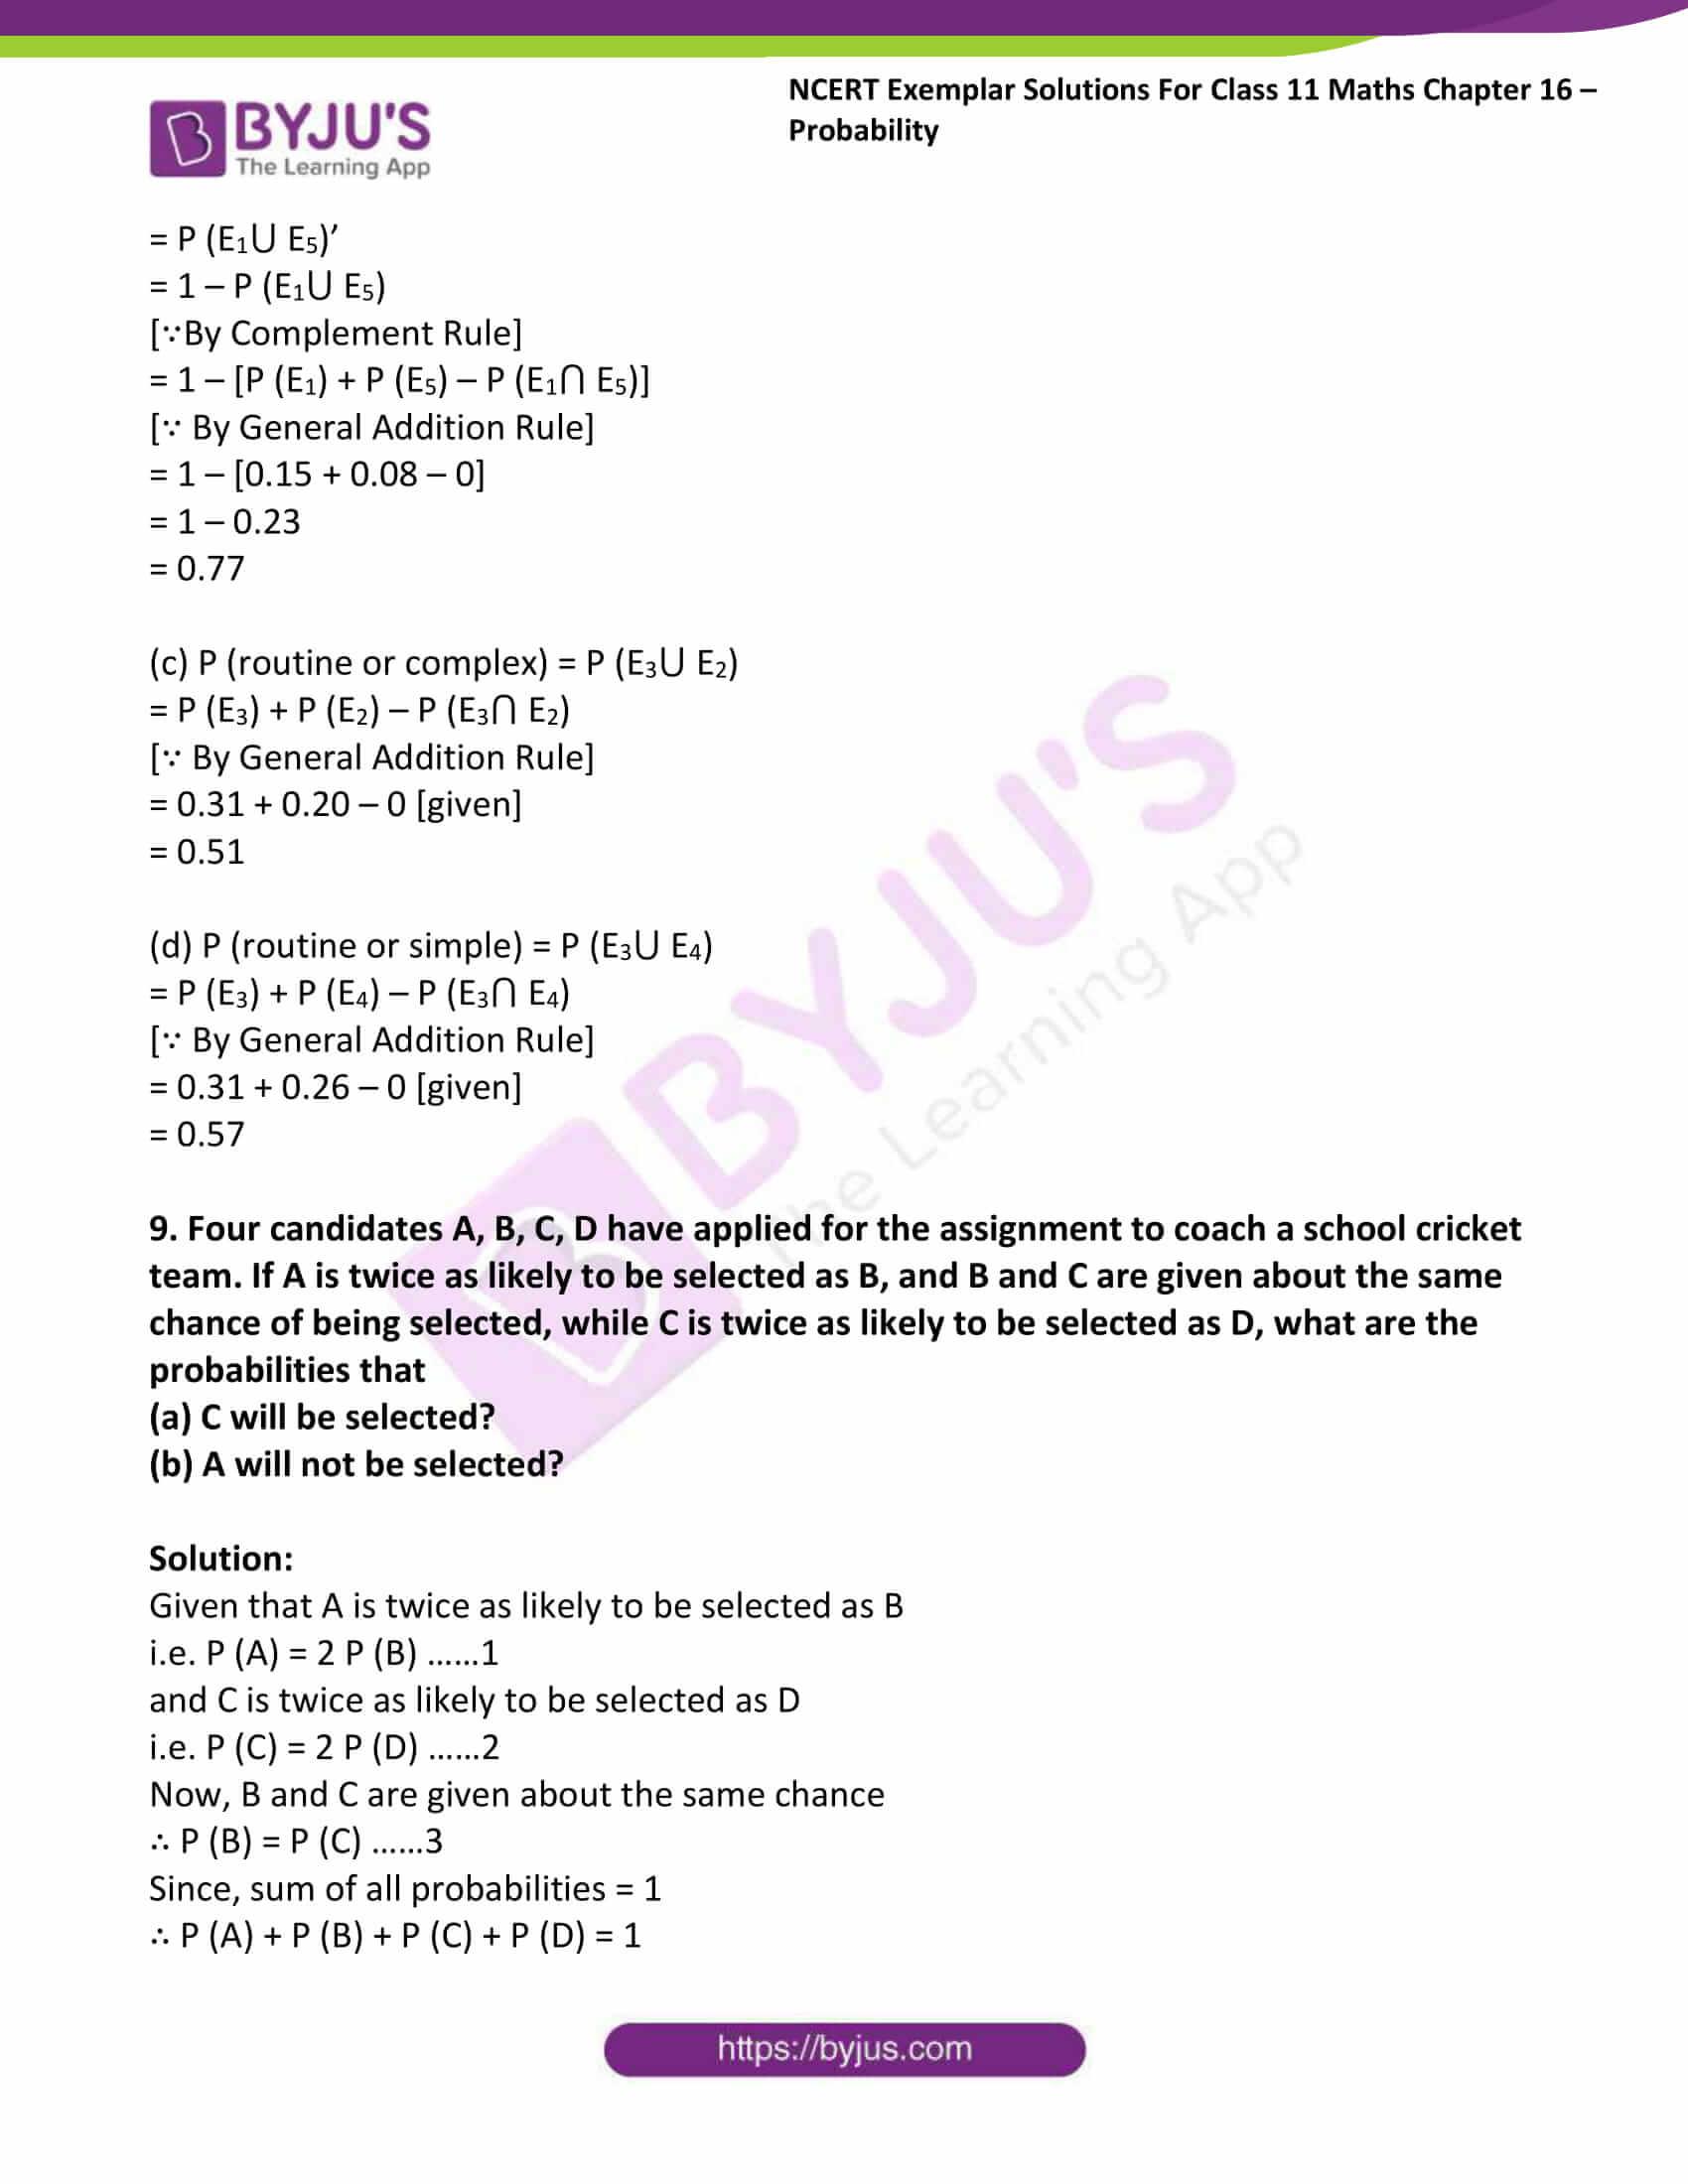 ncert exemplar sol class 11 maths chpt 16 probability 08